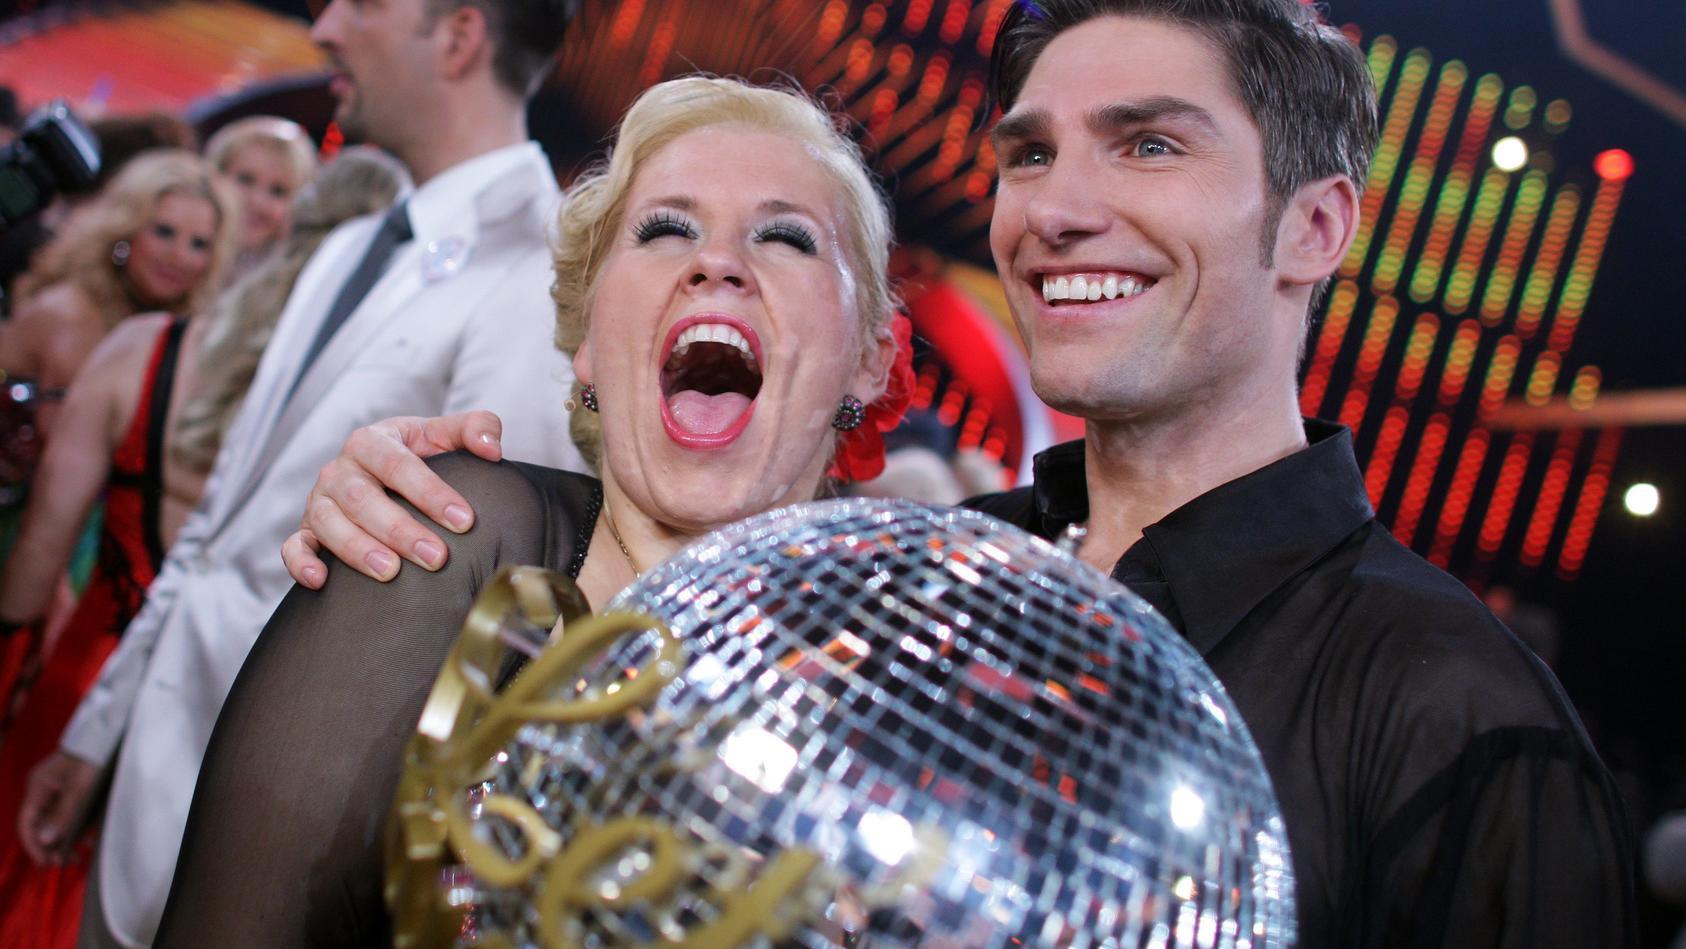 2011 holte sich Maite Kelly zusammen mit Christian Polanc den Tanzpokal.